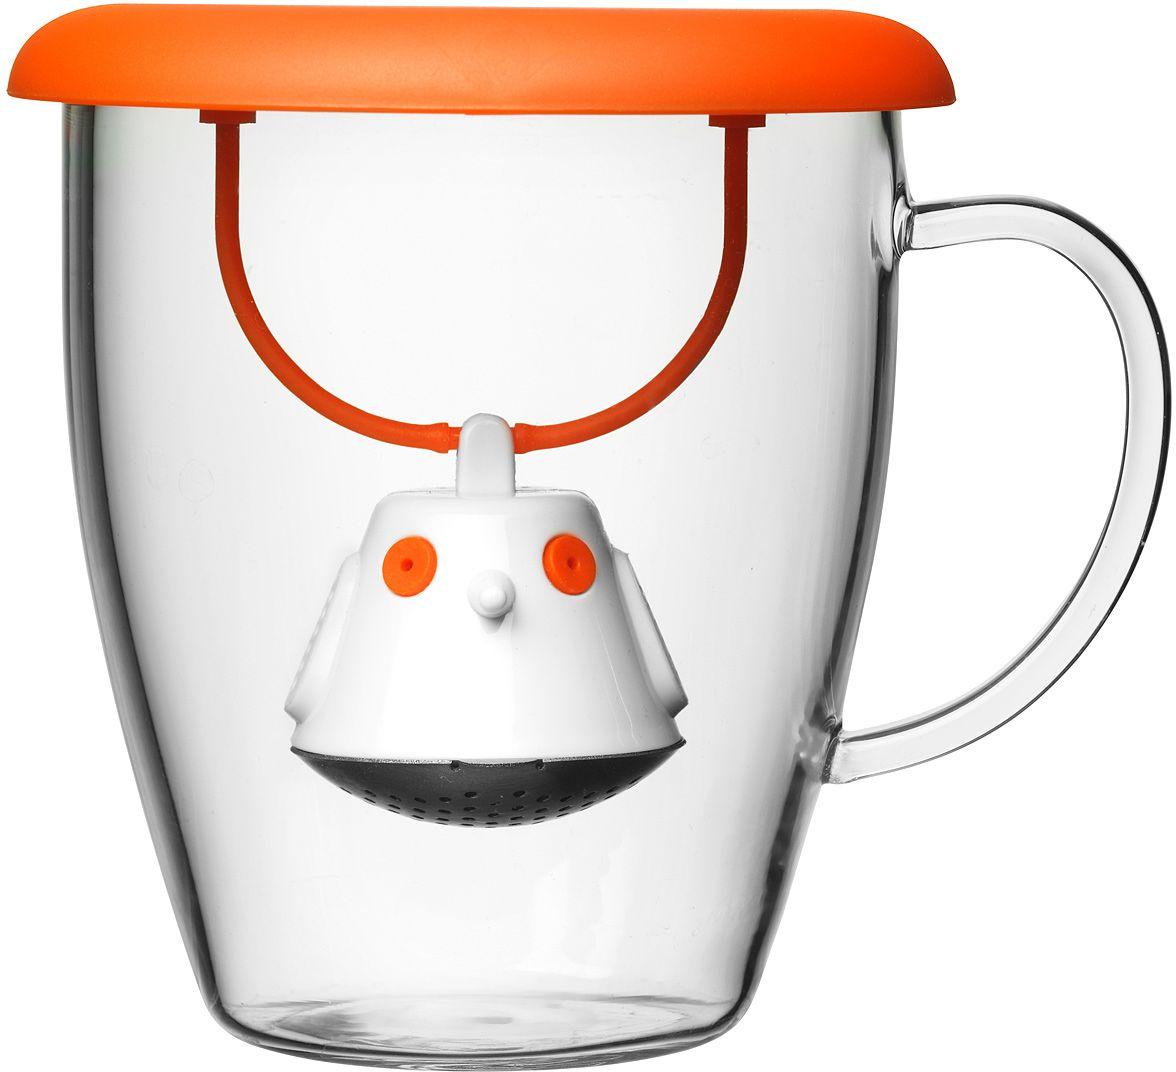 Кружка QDO Birdie Swing Nest, с емкостью для заваривания чая, цвет: оранжевый567404Кружка с необычной емкостью для заваривания чая в виде птички. Снабжена крышкой для кружки, с помощью которой можно быстро и безопасно приготовить любимый напиток. Одним легким движением откройте стальной фильтр, наполните его необходимым количеством чайных листьев, так же легко закройте и поместите в горячую воду. Крышка не только поможет чаю завариться быстрее, но и убережет ваши пальцы от возможного нагревания. Когда чай готов, просто поднимите крышку, переверните и положите на стол. Вся жидкость с заварника будет стекать в нее, как в поднос - очень удобно. Объем кружки - 400 мл. Материал кружки - жароустойчивое боросиликатное стекло. Материал емкости - нержавеющая сталь и пластик без содержания бисфенола-А. Можно мыть в посудомоечной машине.